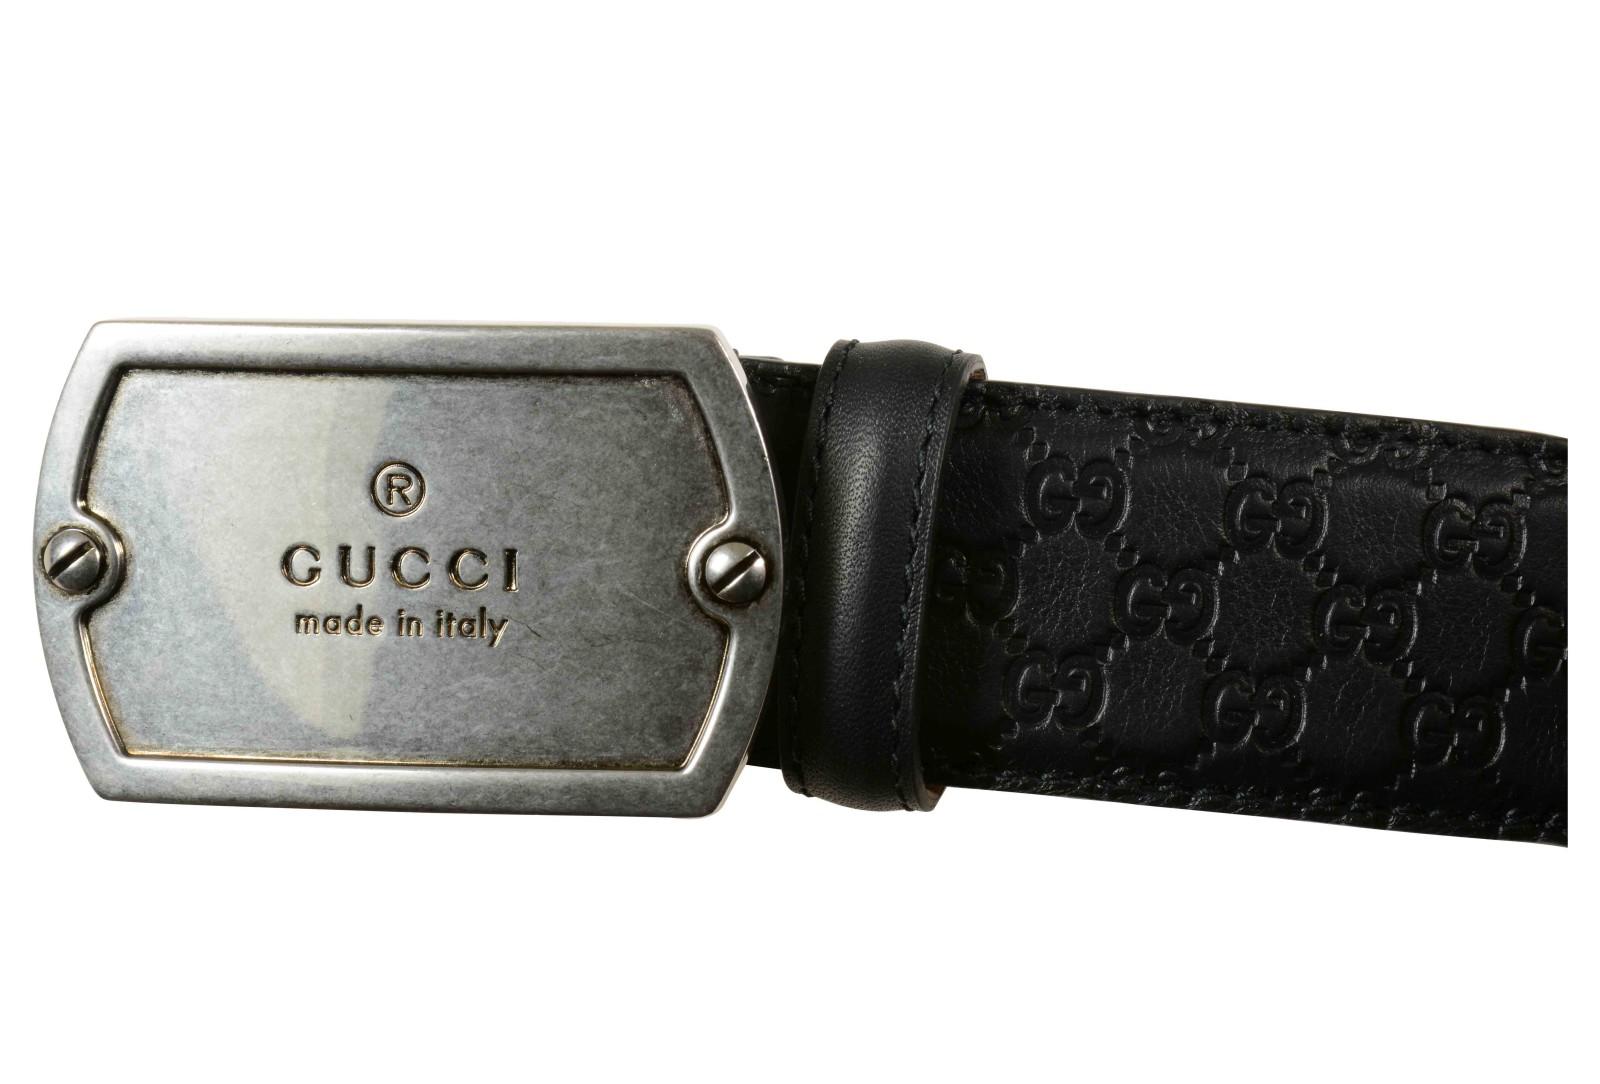 Gucci Cintura Uomo Nera Moon Micro Misure L 11 In Black